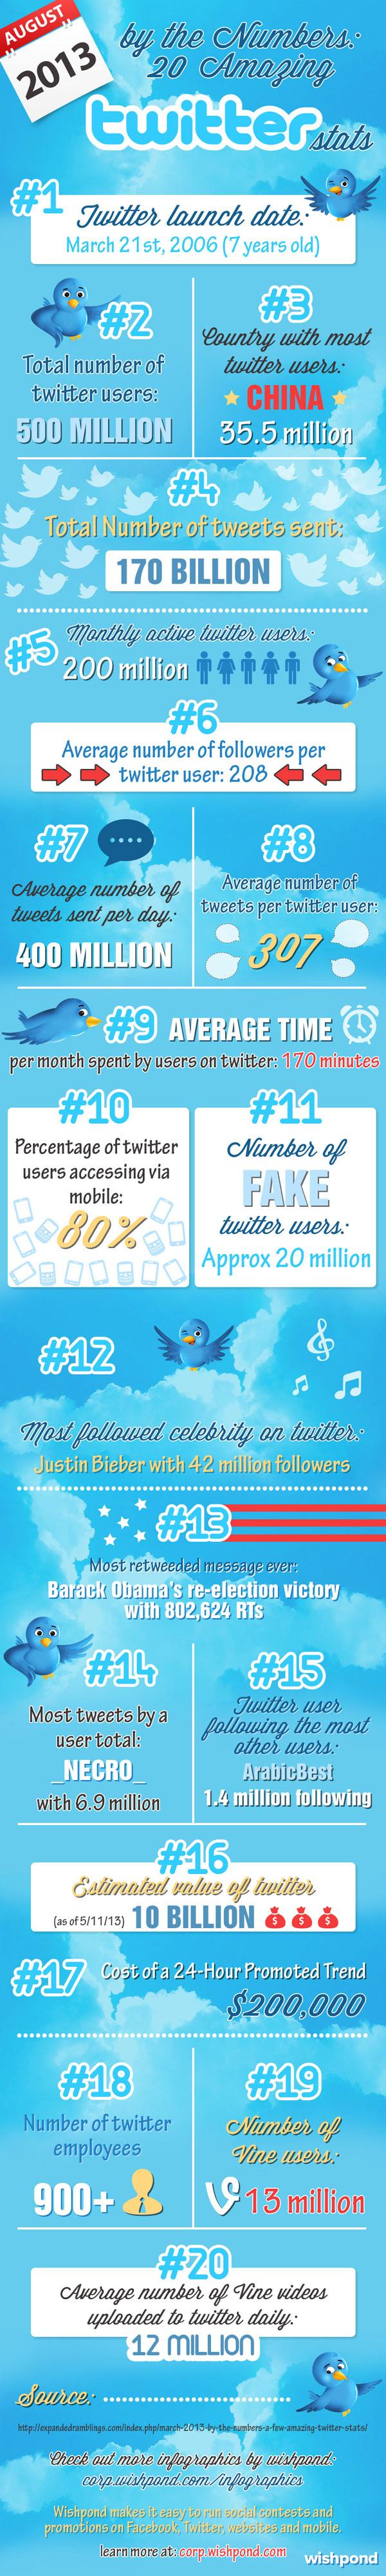 infografia<em>20</em>datos<em>impresionantes</em>sobre_twitter